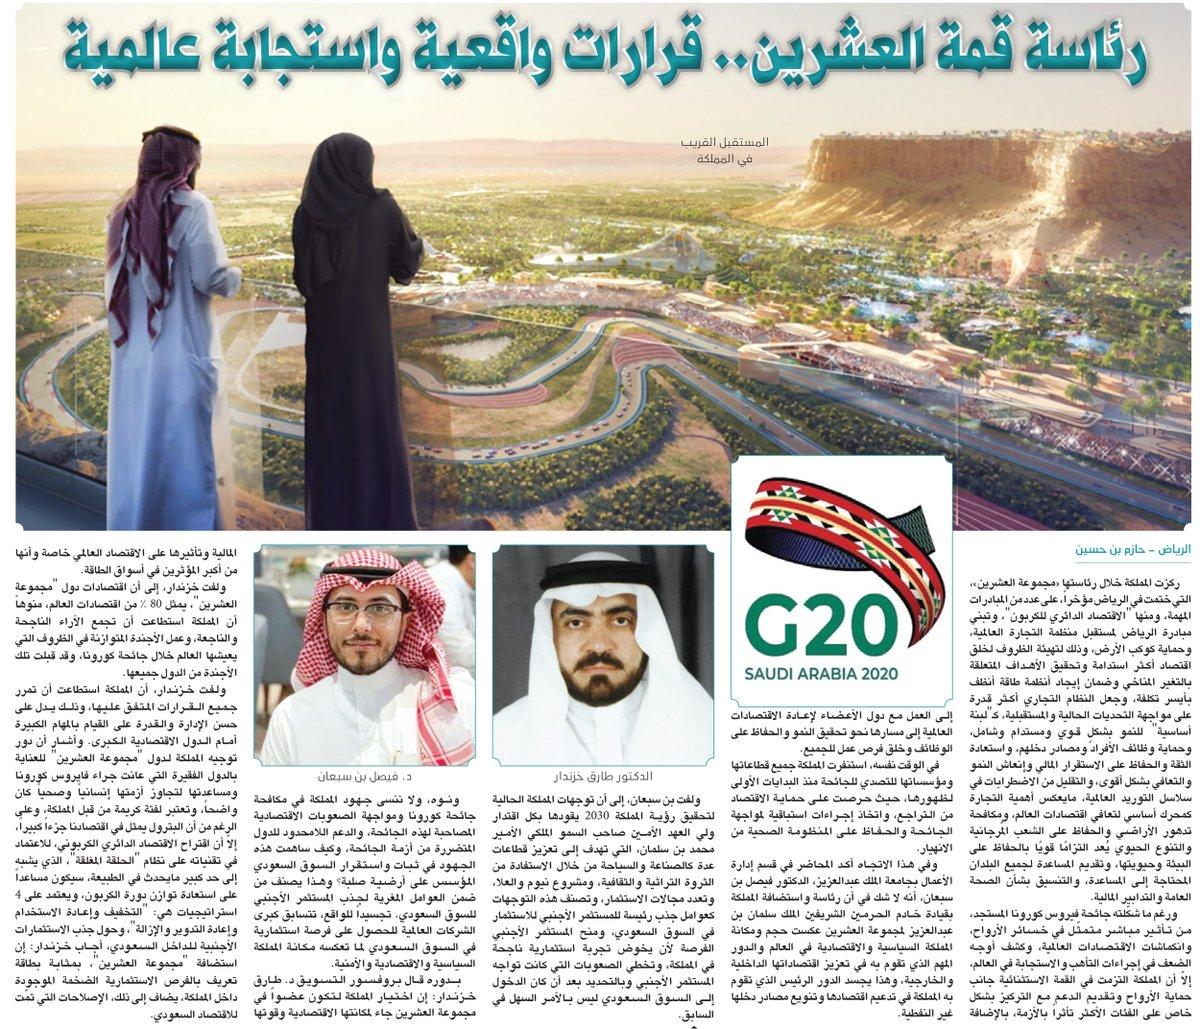 رئاسة قمة العشرين.. قرارات واقعية واستجابة عالمية    #مجموعة_العشرين  #مجموعة_العشرين_في_السعودية #نلهم_العالم_بقمتنا  #G20 #G20SaudiArabia